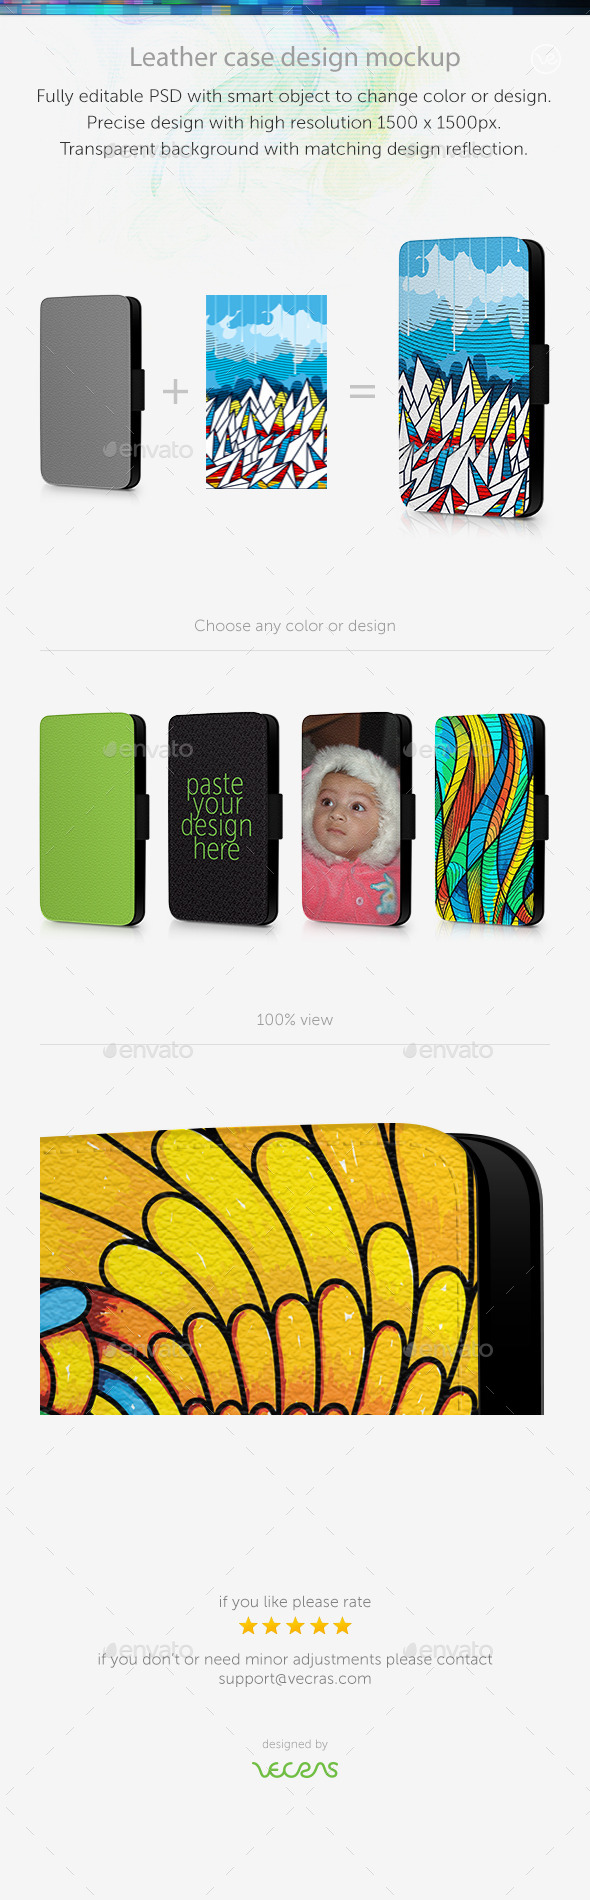 Leather Mobile Case Design Mockup